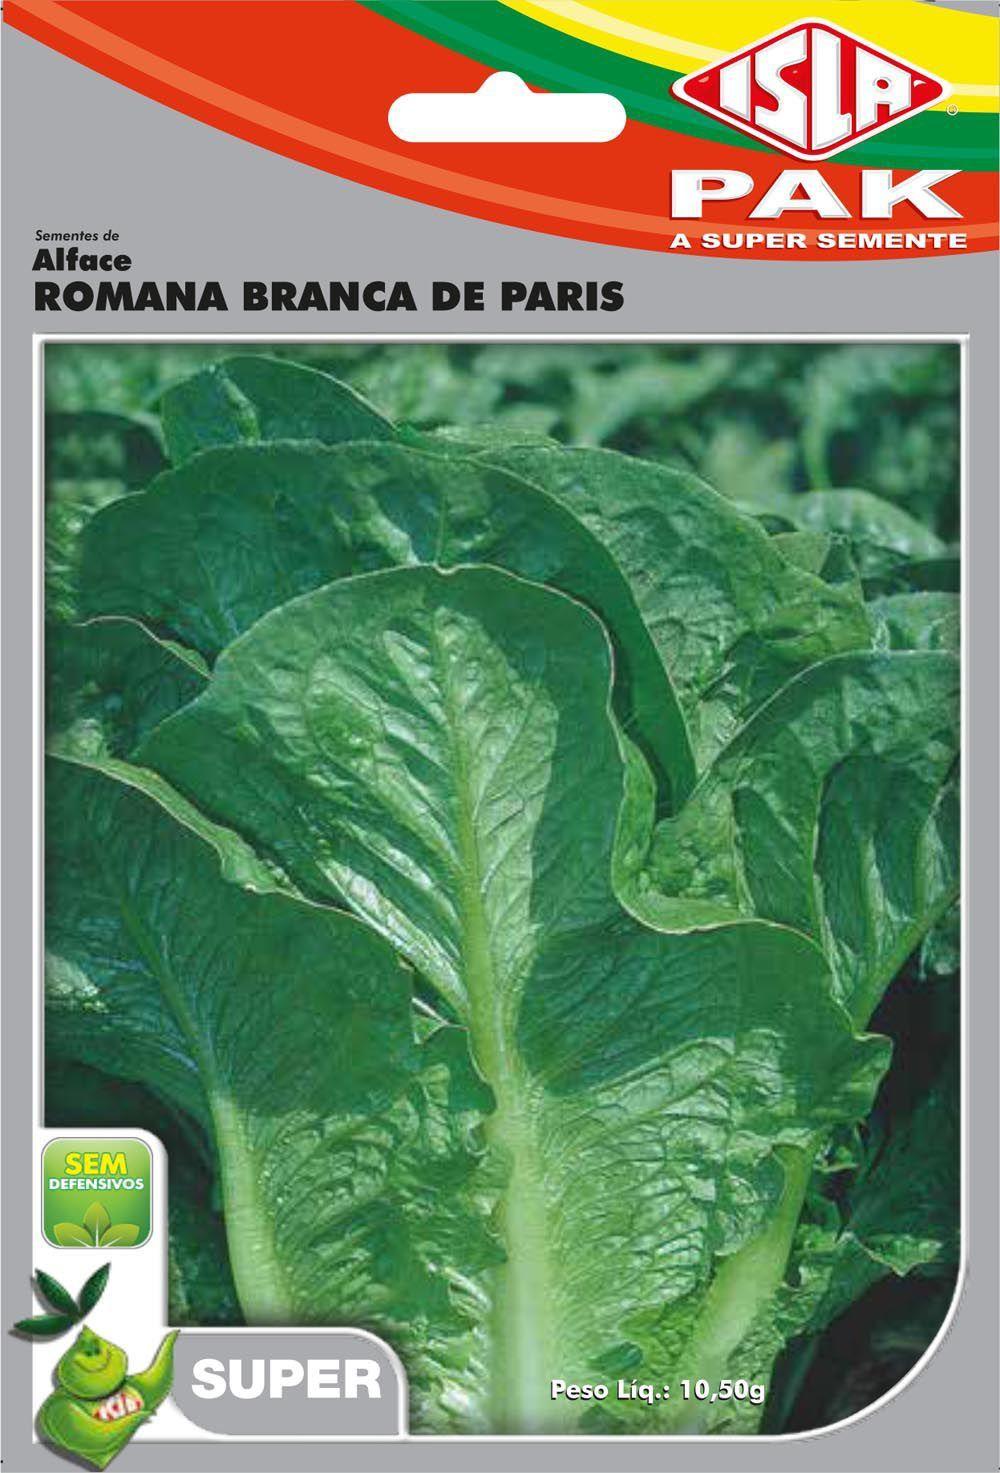 Sementes de Alface Romana Branca de Paris 10,5g  - Isla Superpak